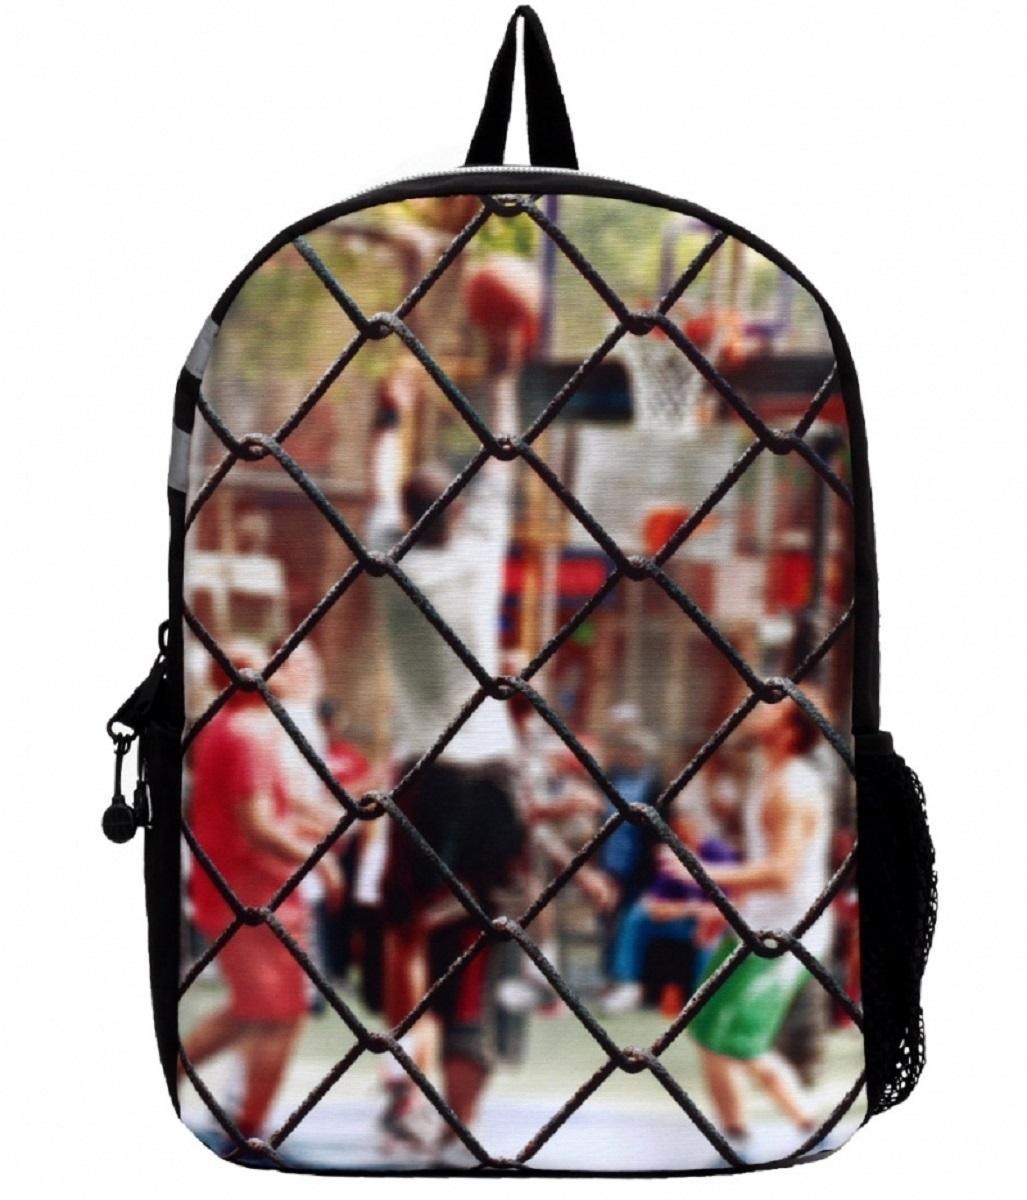 Рюкзак молодежный Mojo Sport Сетка, 20 лZ90 blackЭтот стильный рюкзак от Mojo Sport Сетка прекрасно сочетает в себе черты спорта и динамичного городского стиля. Расцветка и внешний вид рюкзака в виде сетки ворот и игроков за этой сеткой смотрится очень броско, стильно и оригинально.